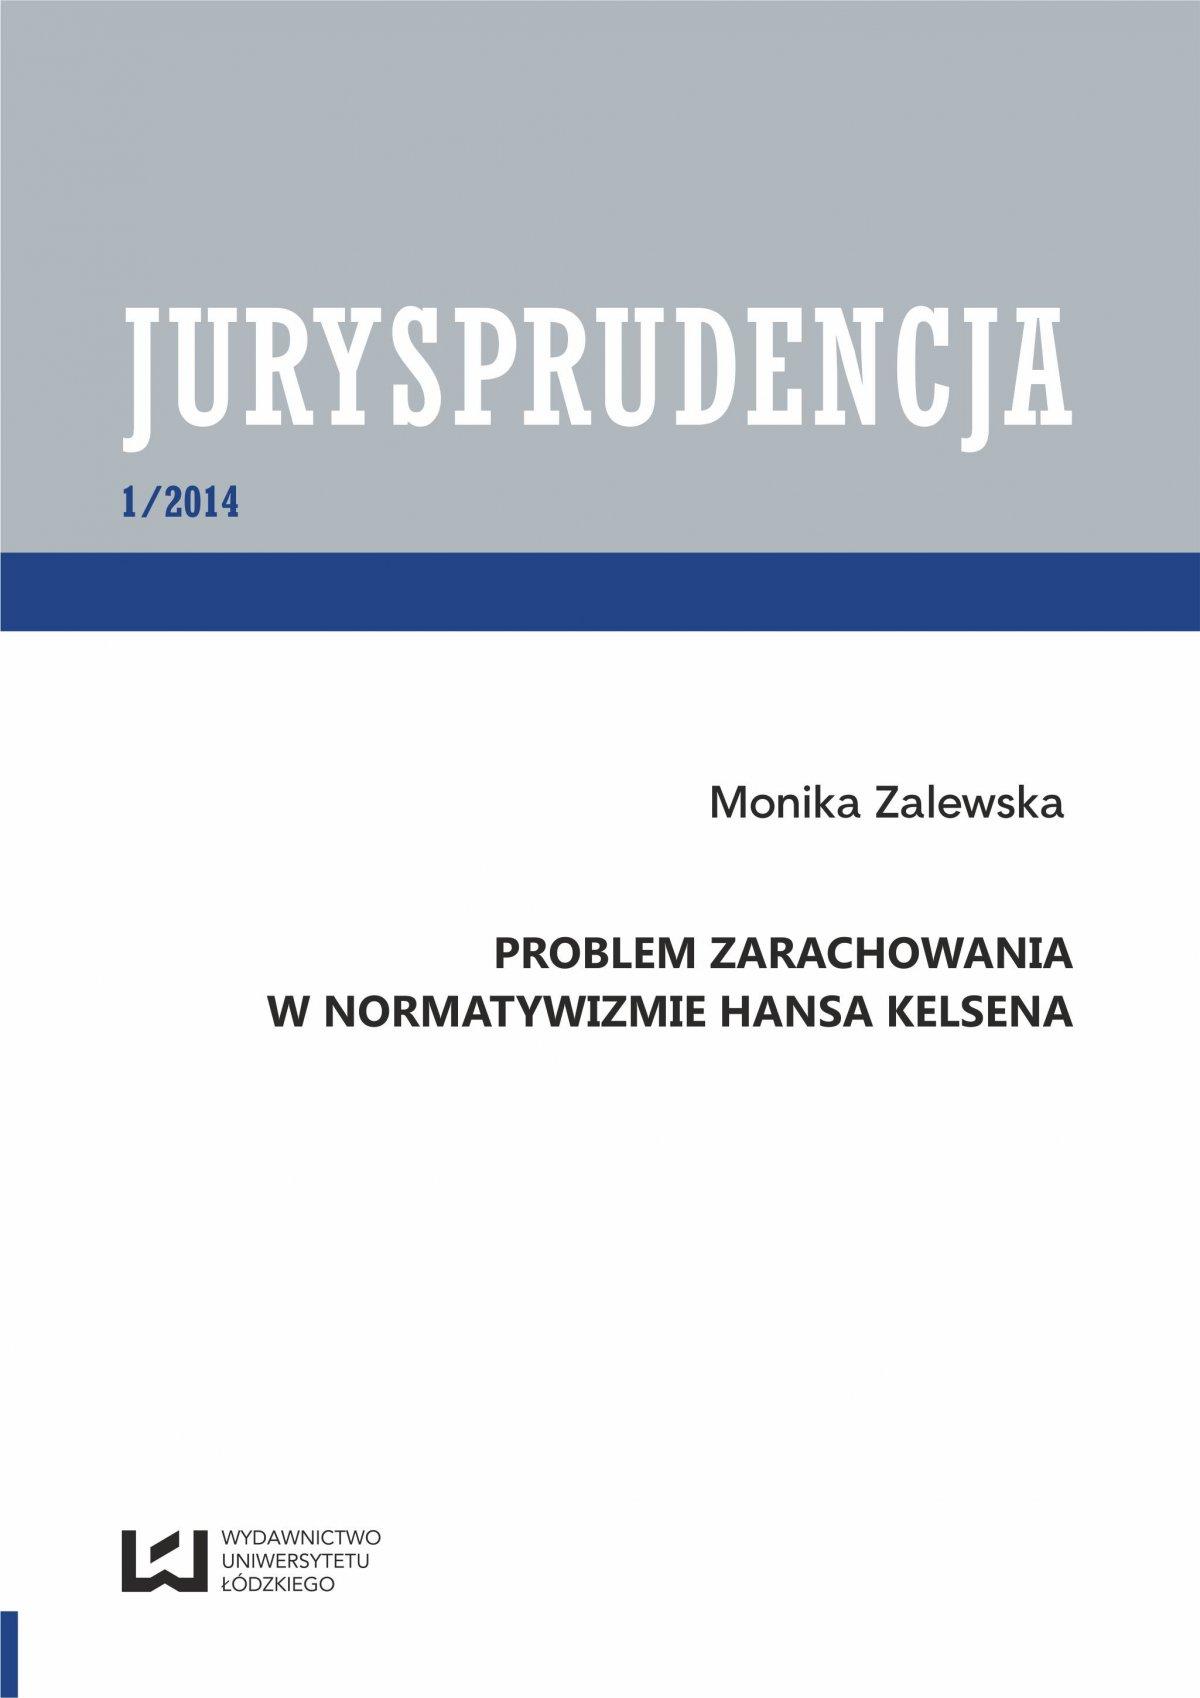 Problem zarachowania w normatywizmie Hansa Kelsena.  Jurysprudencja 1 - Ebook (Książka PDF) do pobrania w formacie PDF